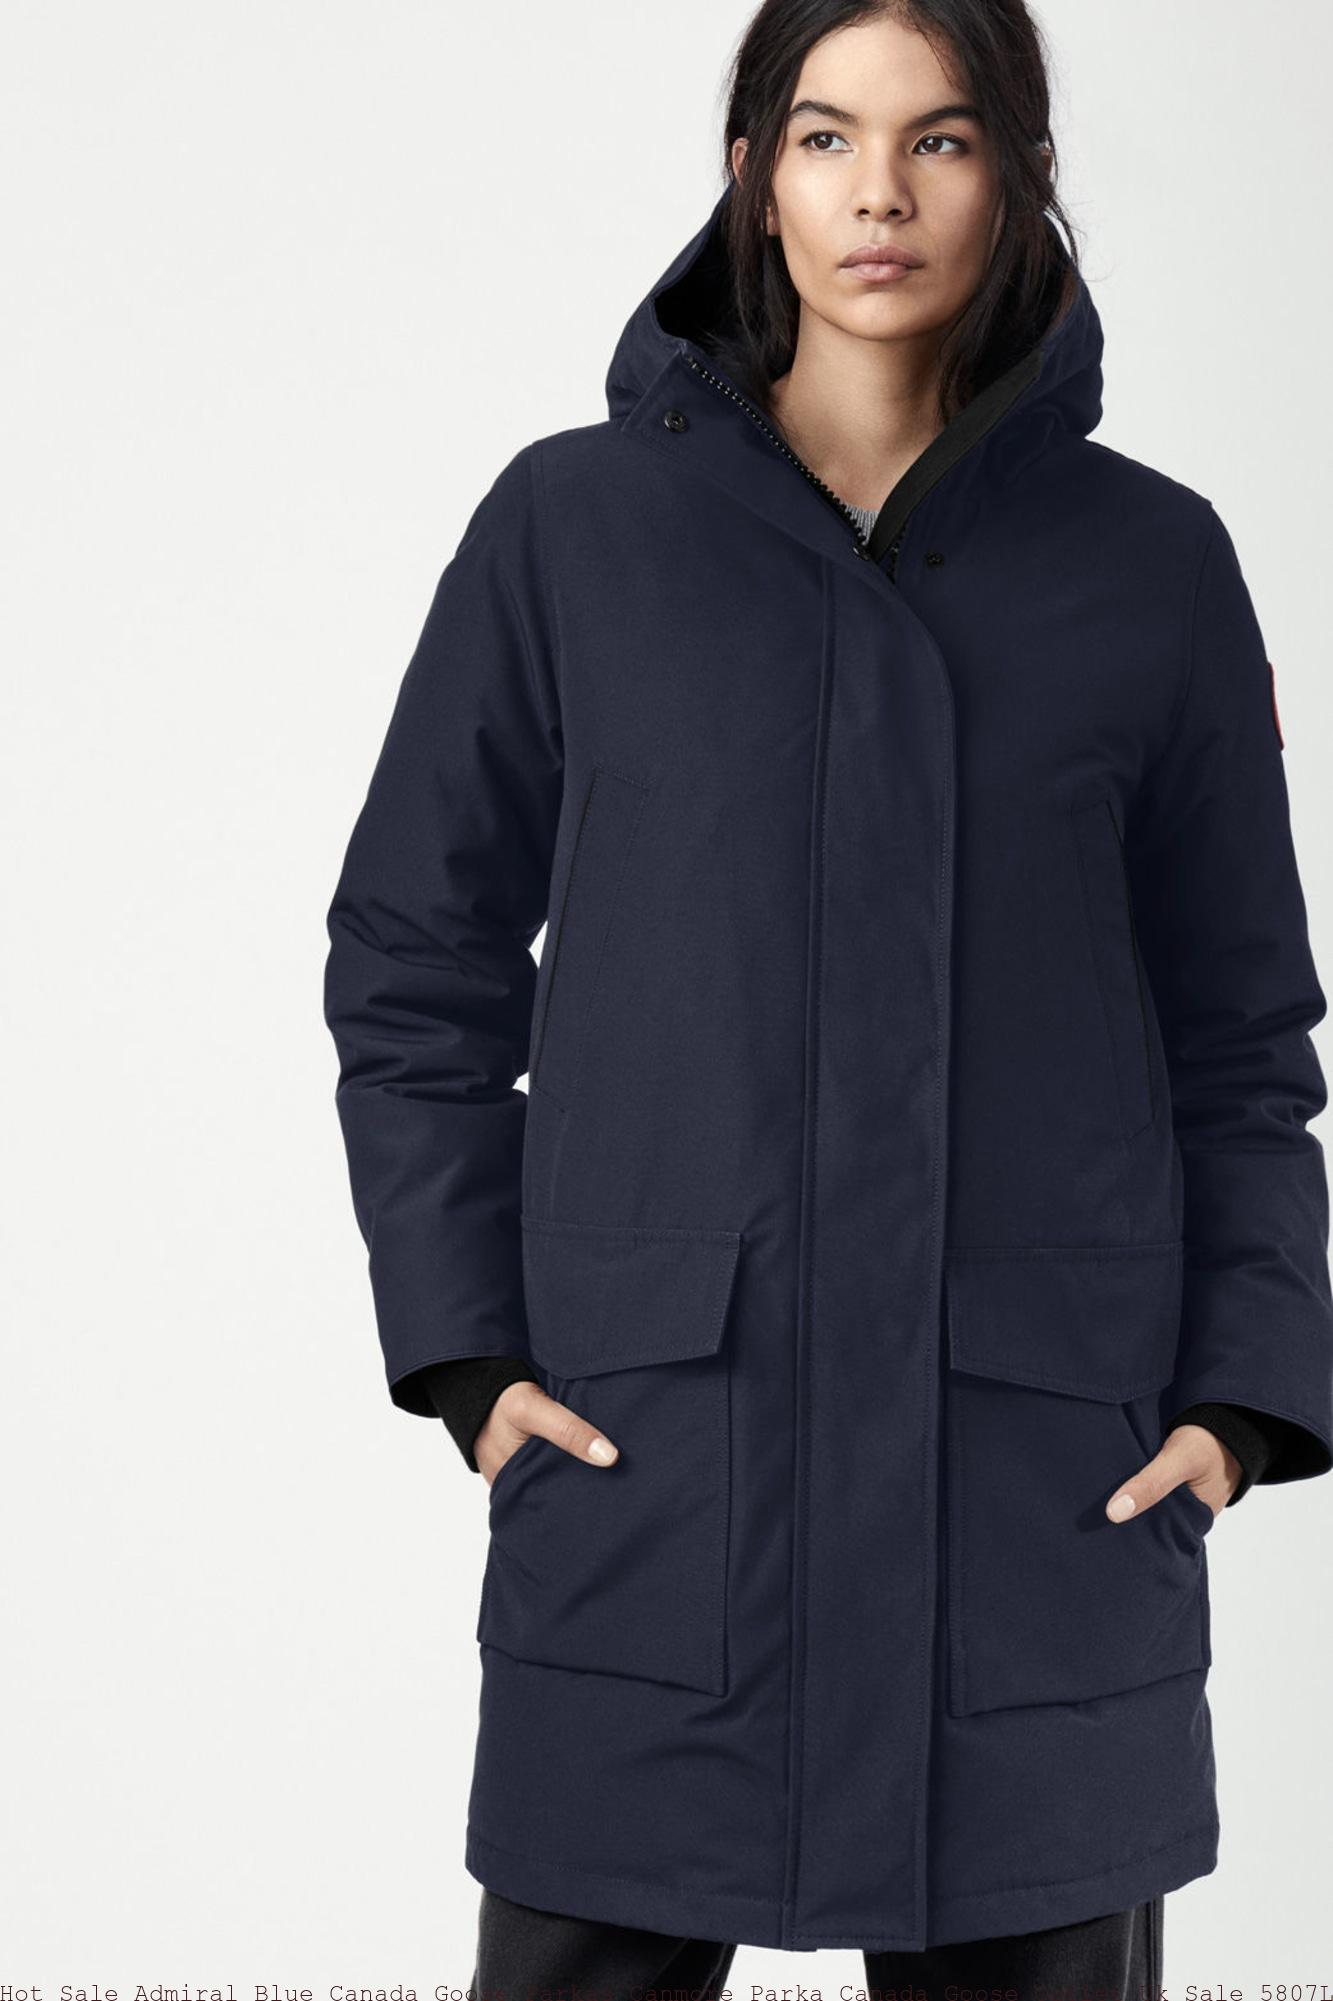 canada goose jackets uk sale